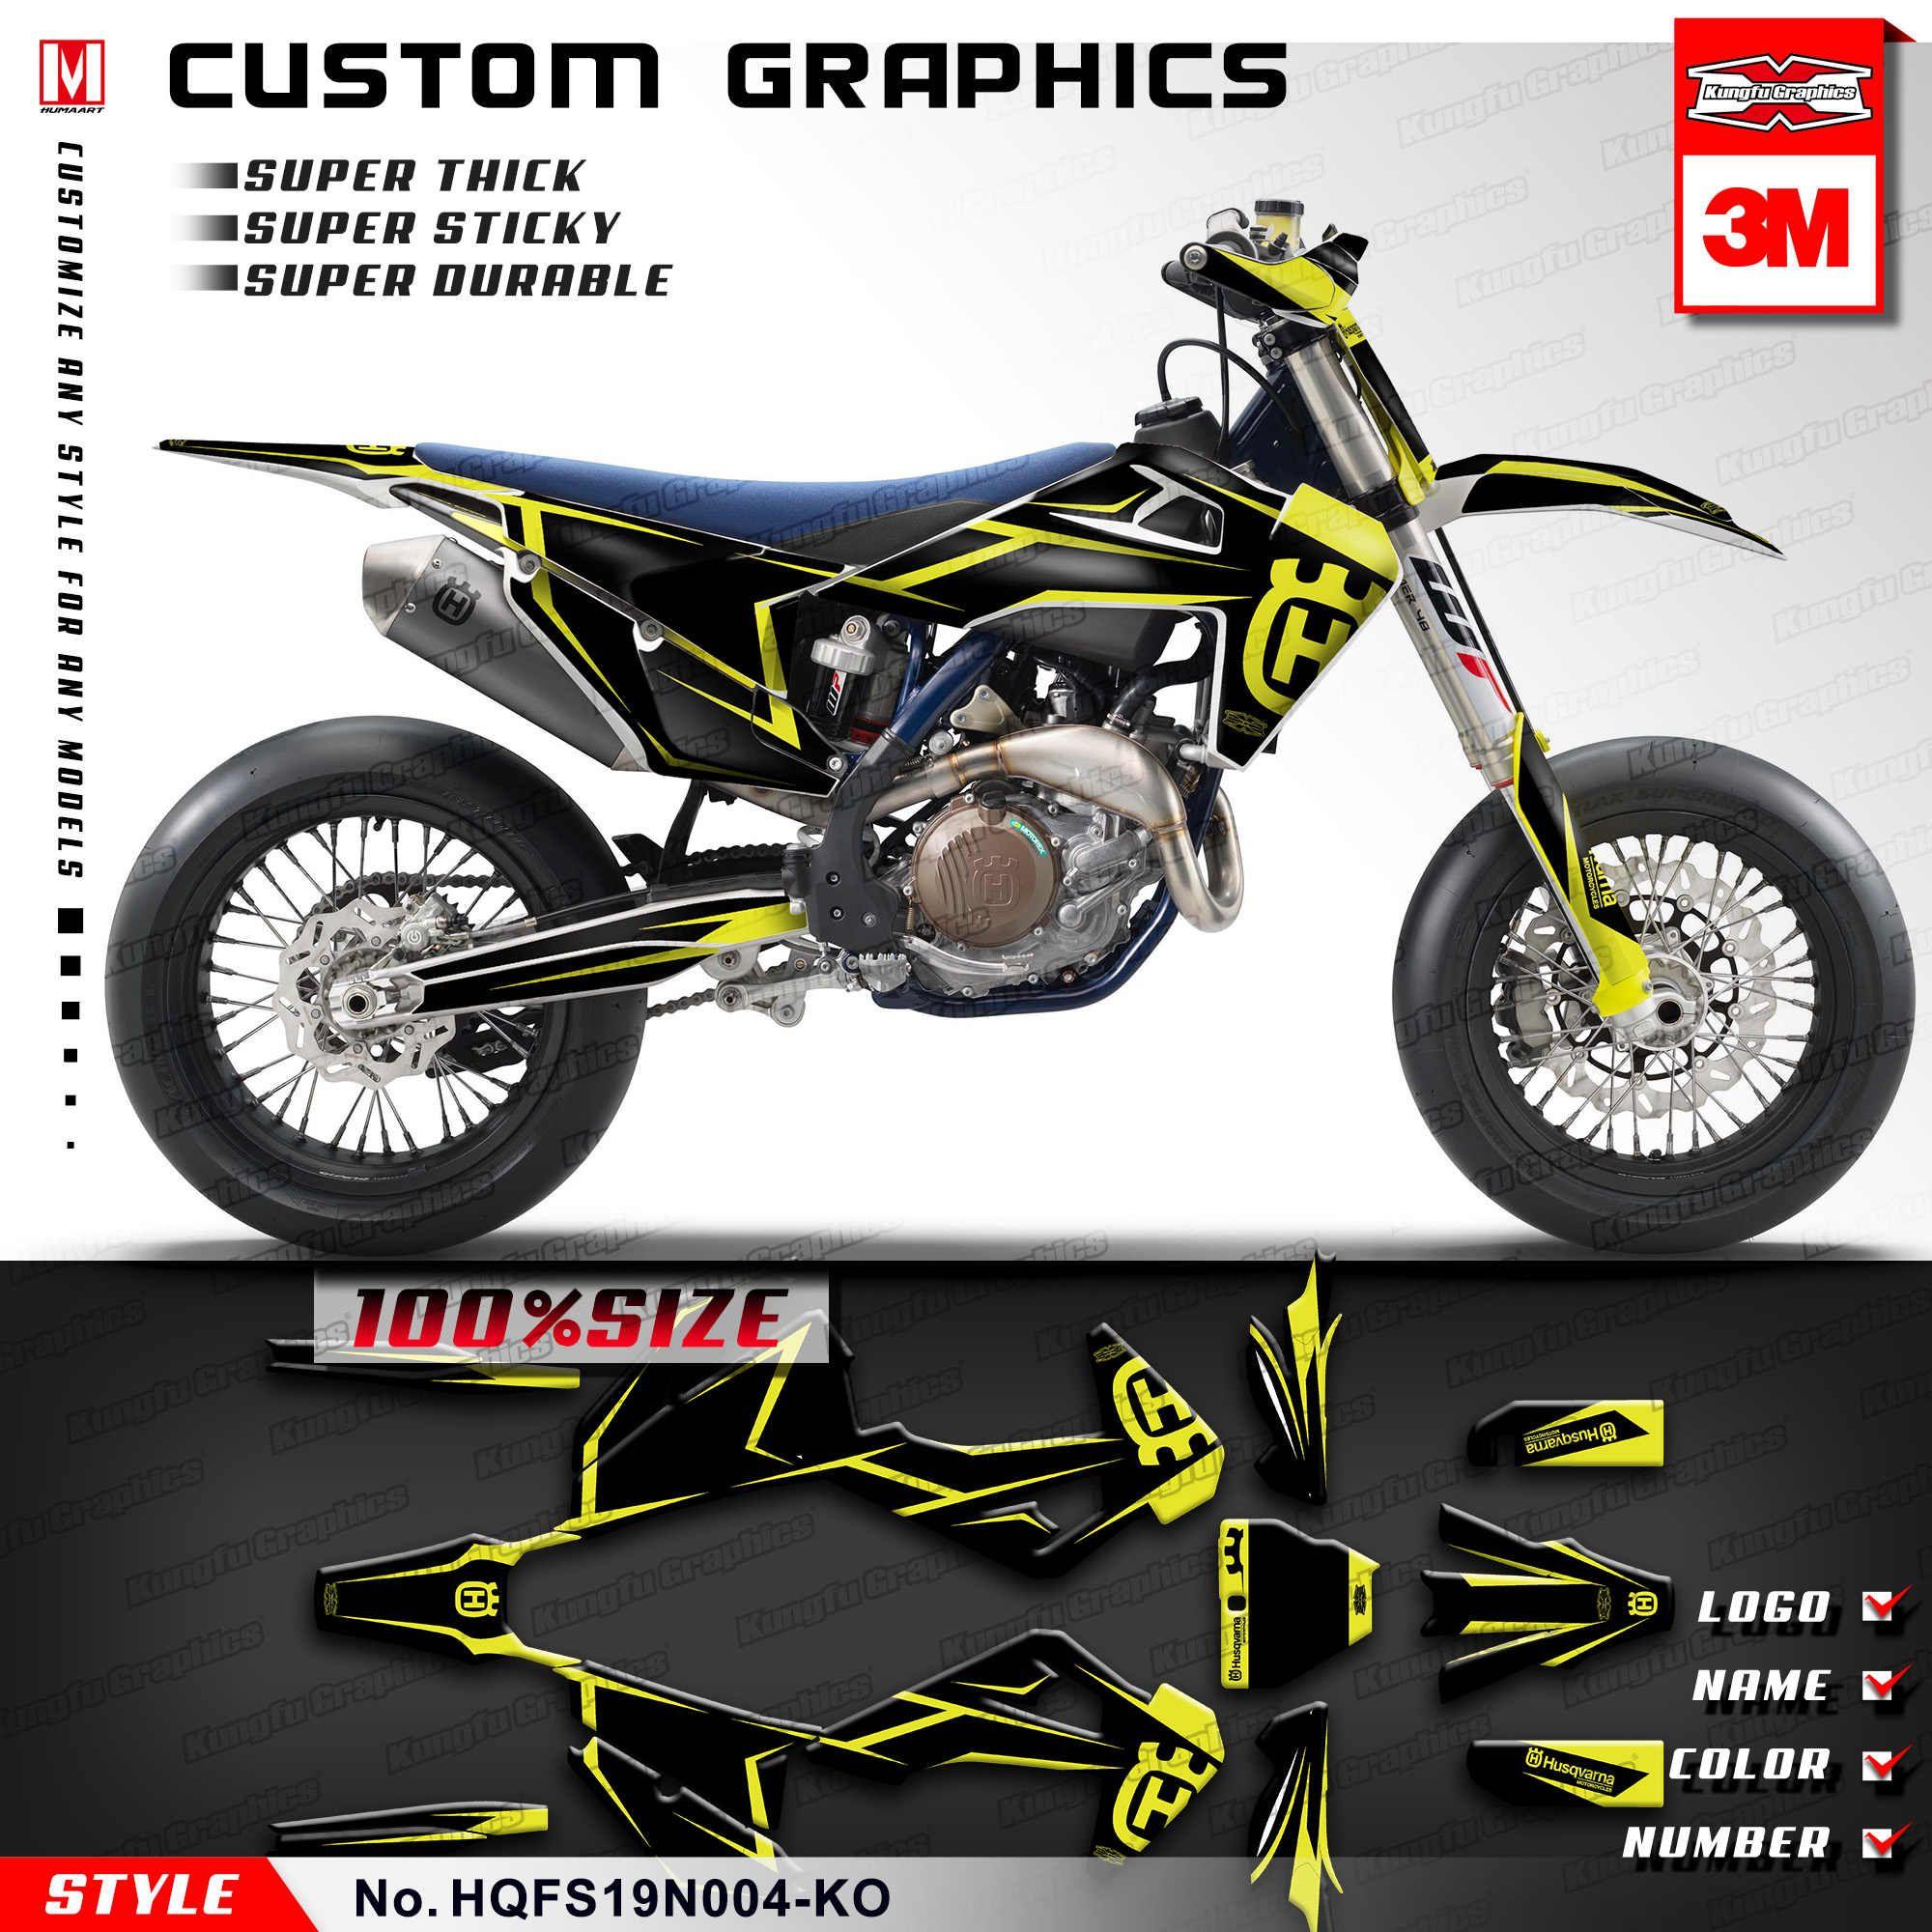 160 Husky Ad S Ideas In 2021 Husqvarna Vintage Motocross Motocross